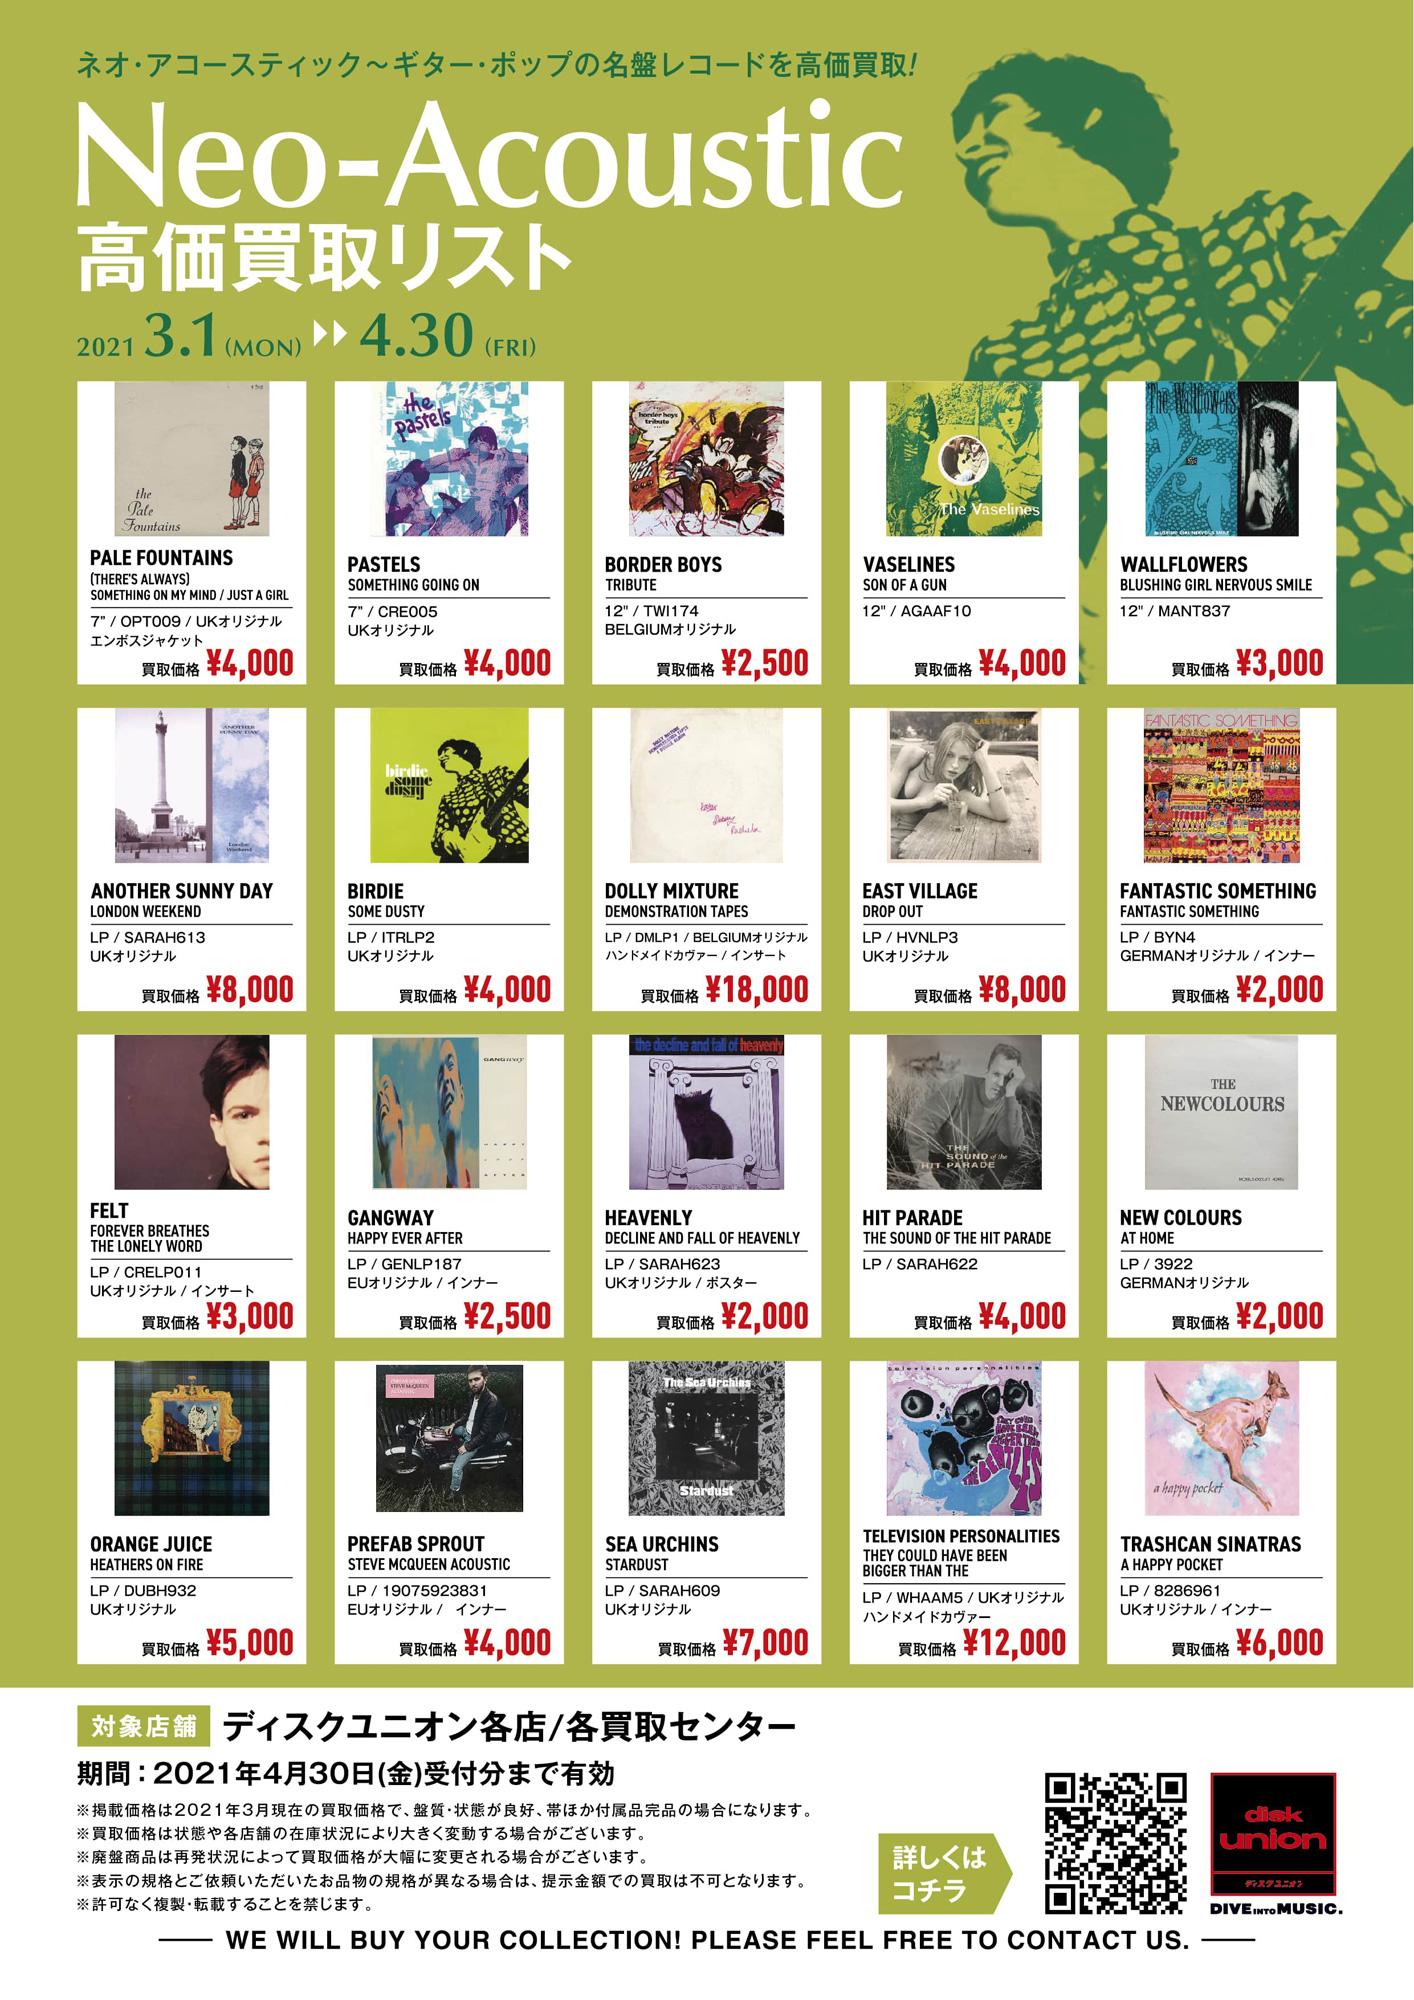 ネオアコ名盤レコード高価買取リスト